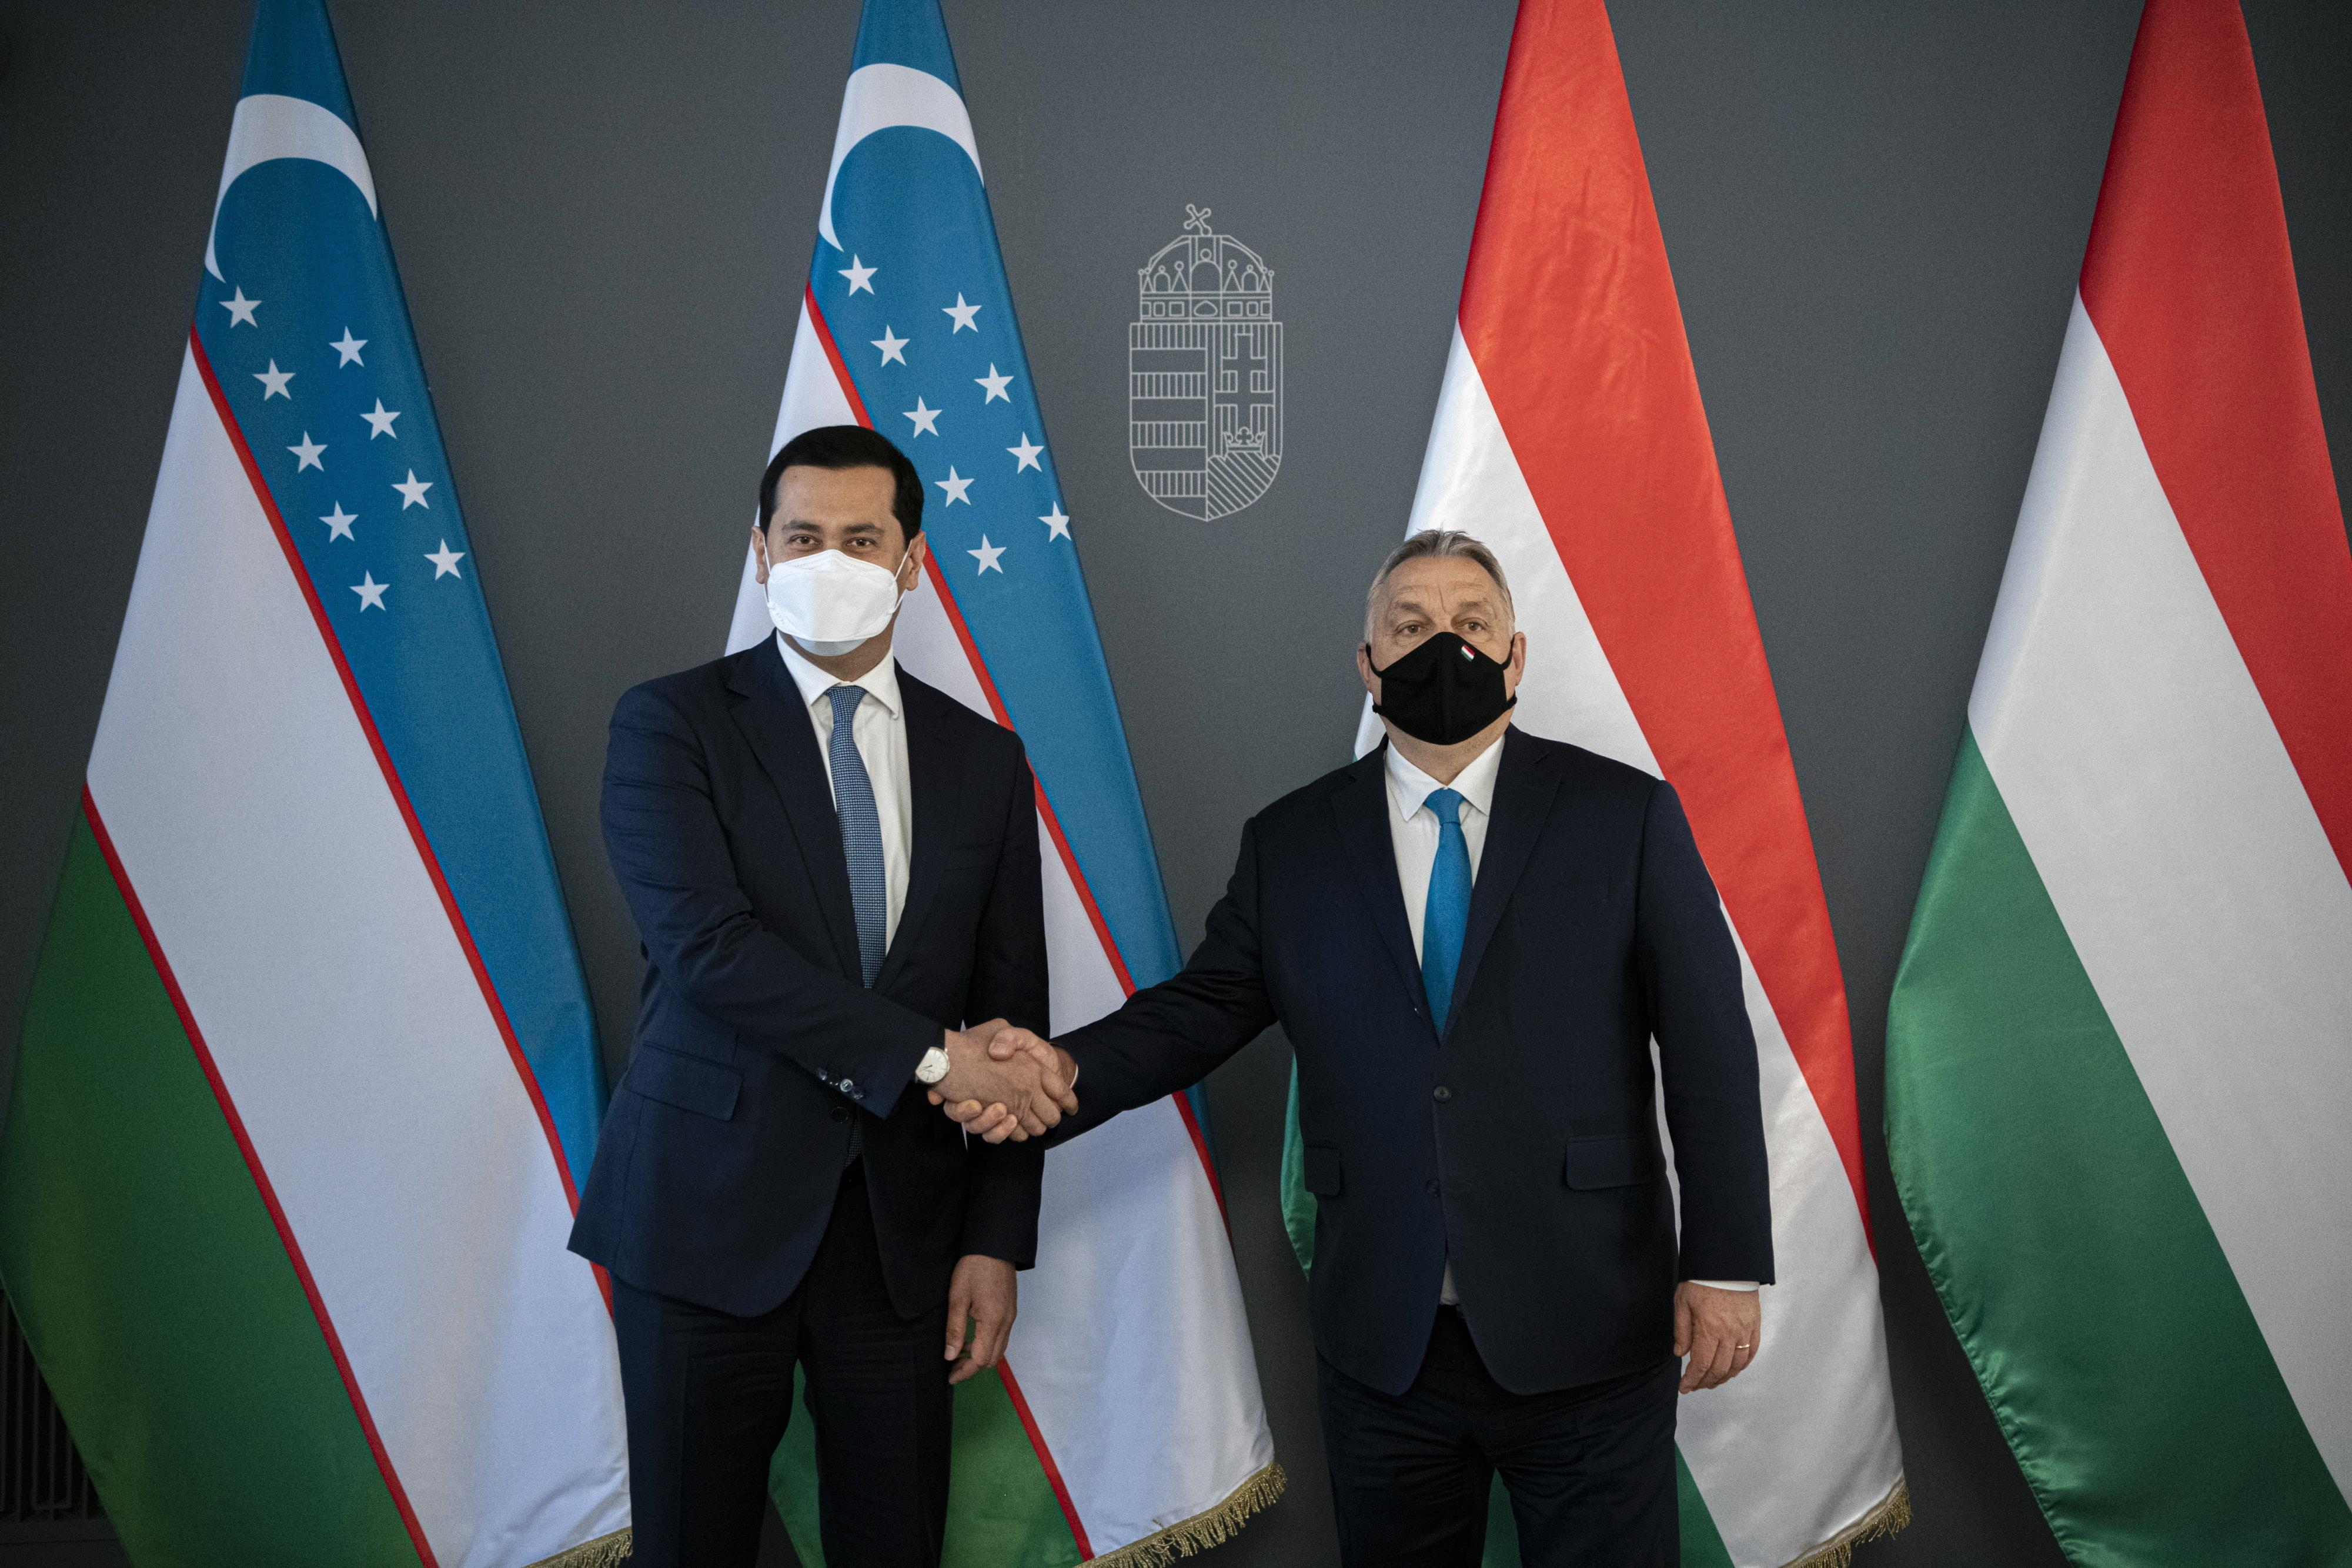 Orbán megköszönte, hogy Üzbegisztán tavaly tavasszal 650 ezer védőmaszkot küldött